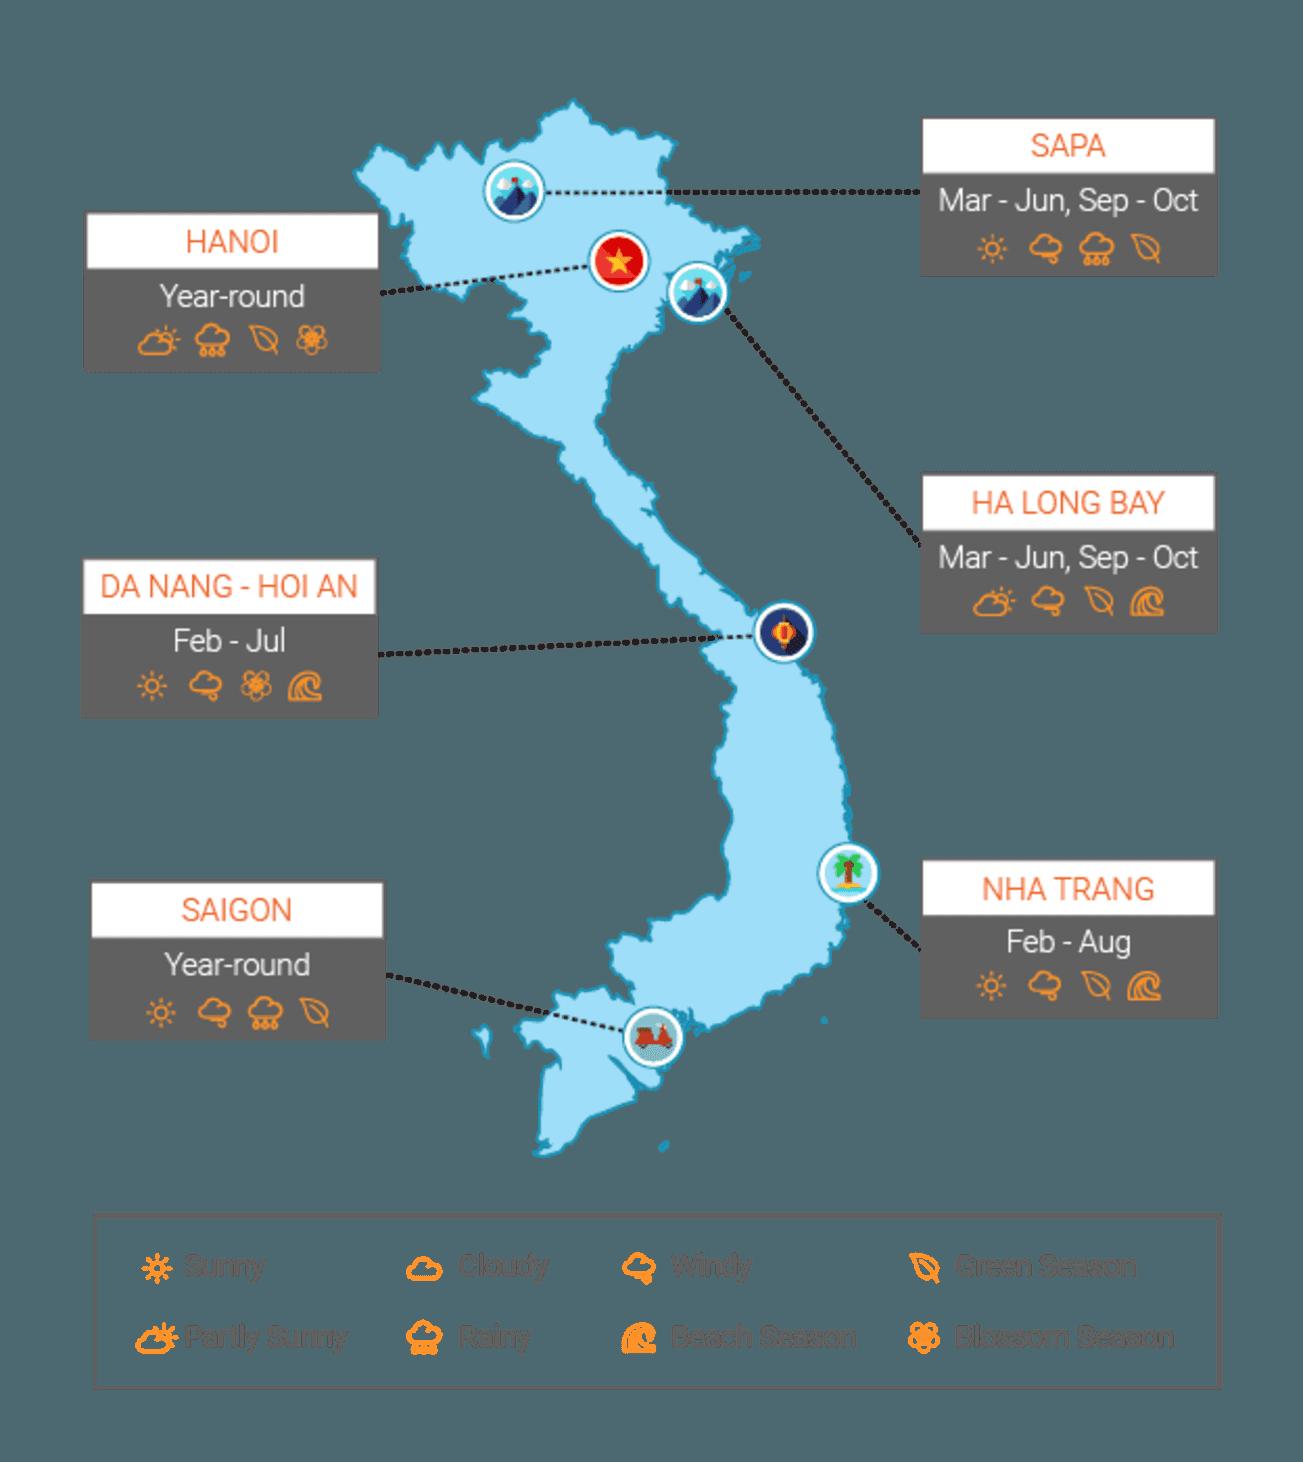 Vietnam Weather & When to go